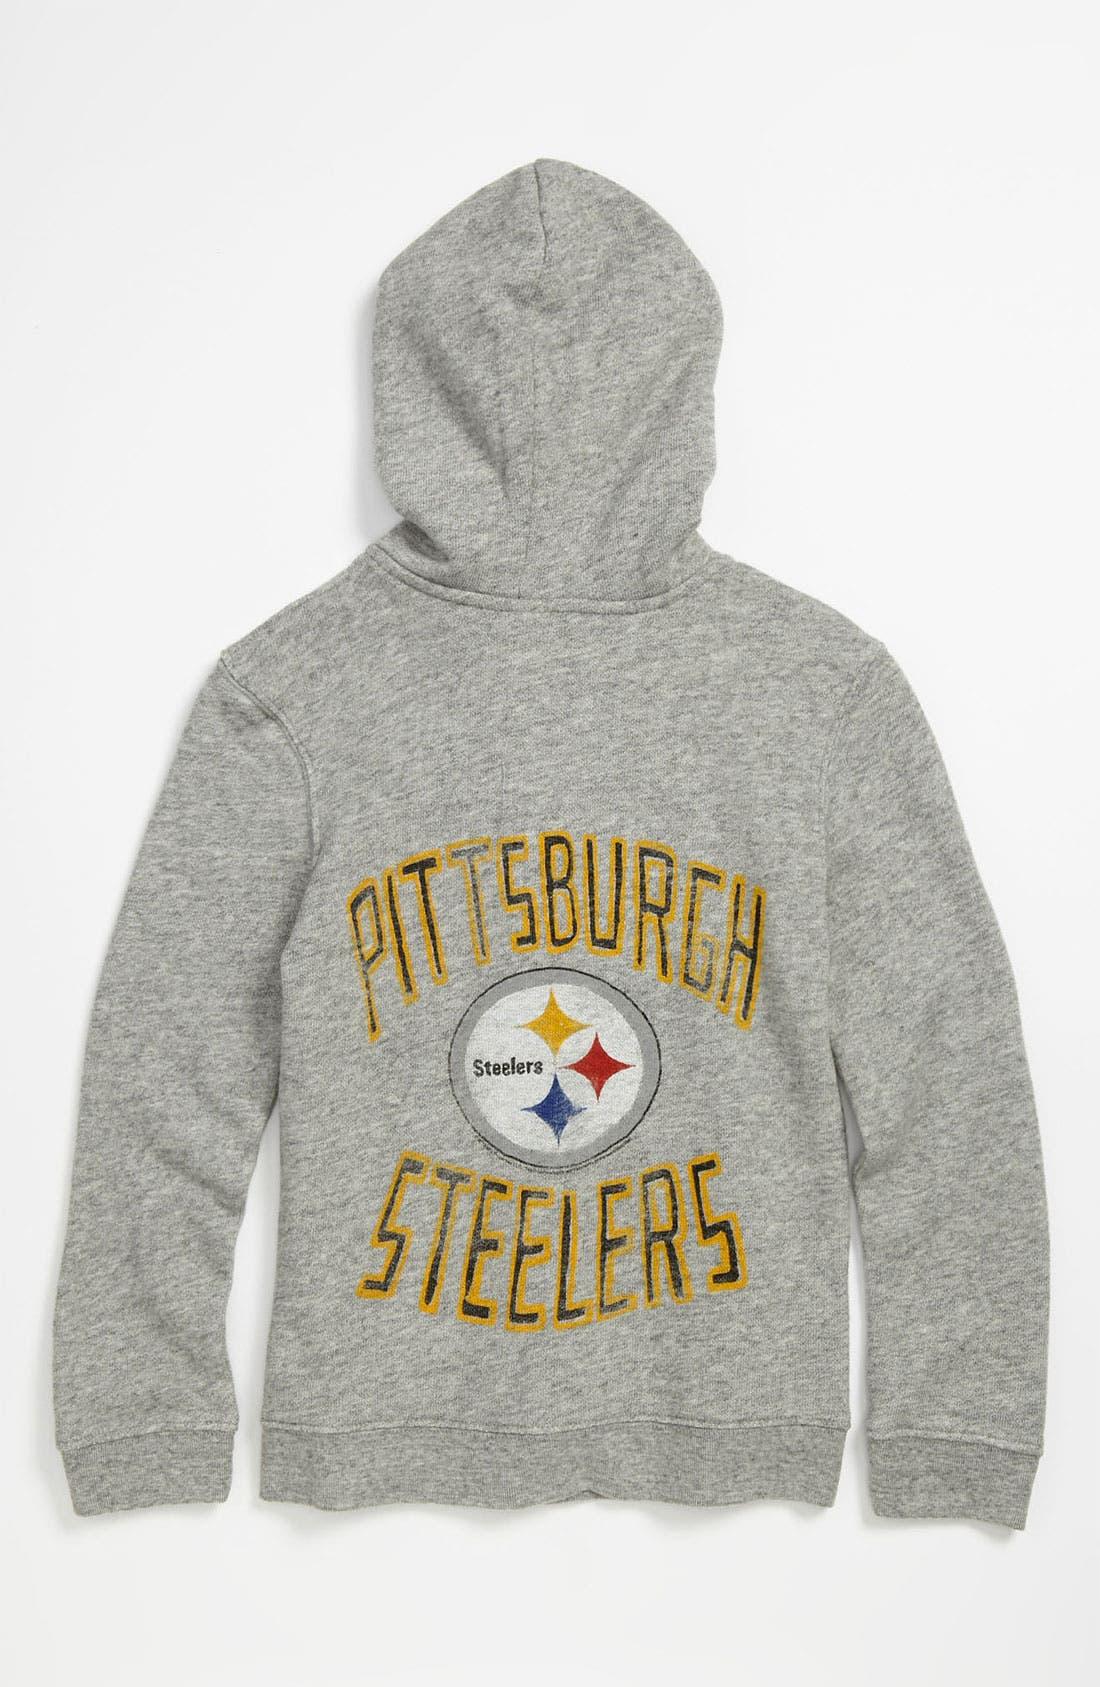 Alternate Image 1 Selected - Junk Food 'Pittsburgh Steelers' Hoodie (Little Boys & Big Boys)